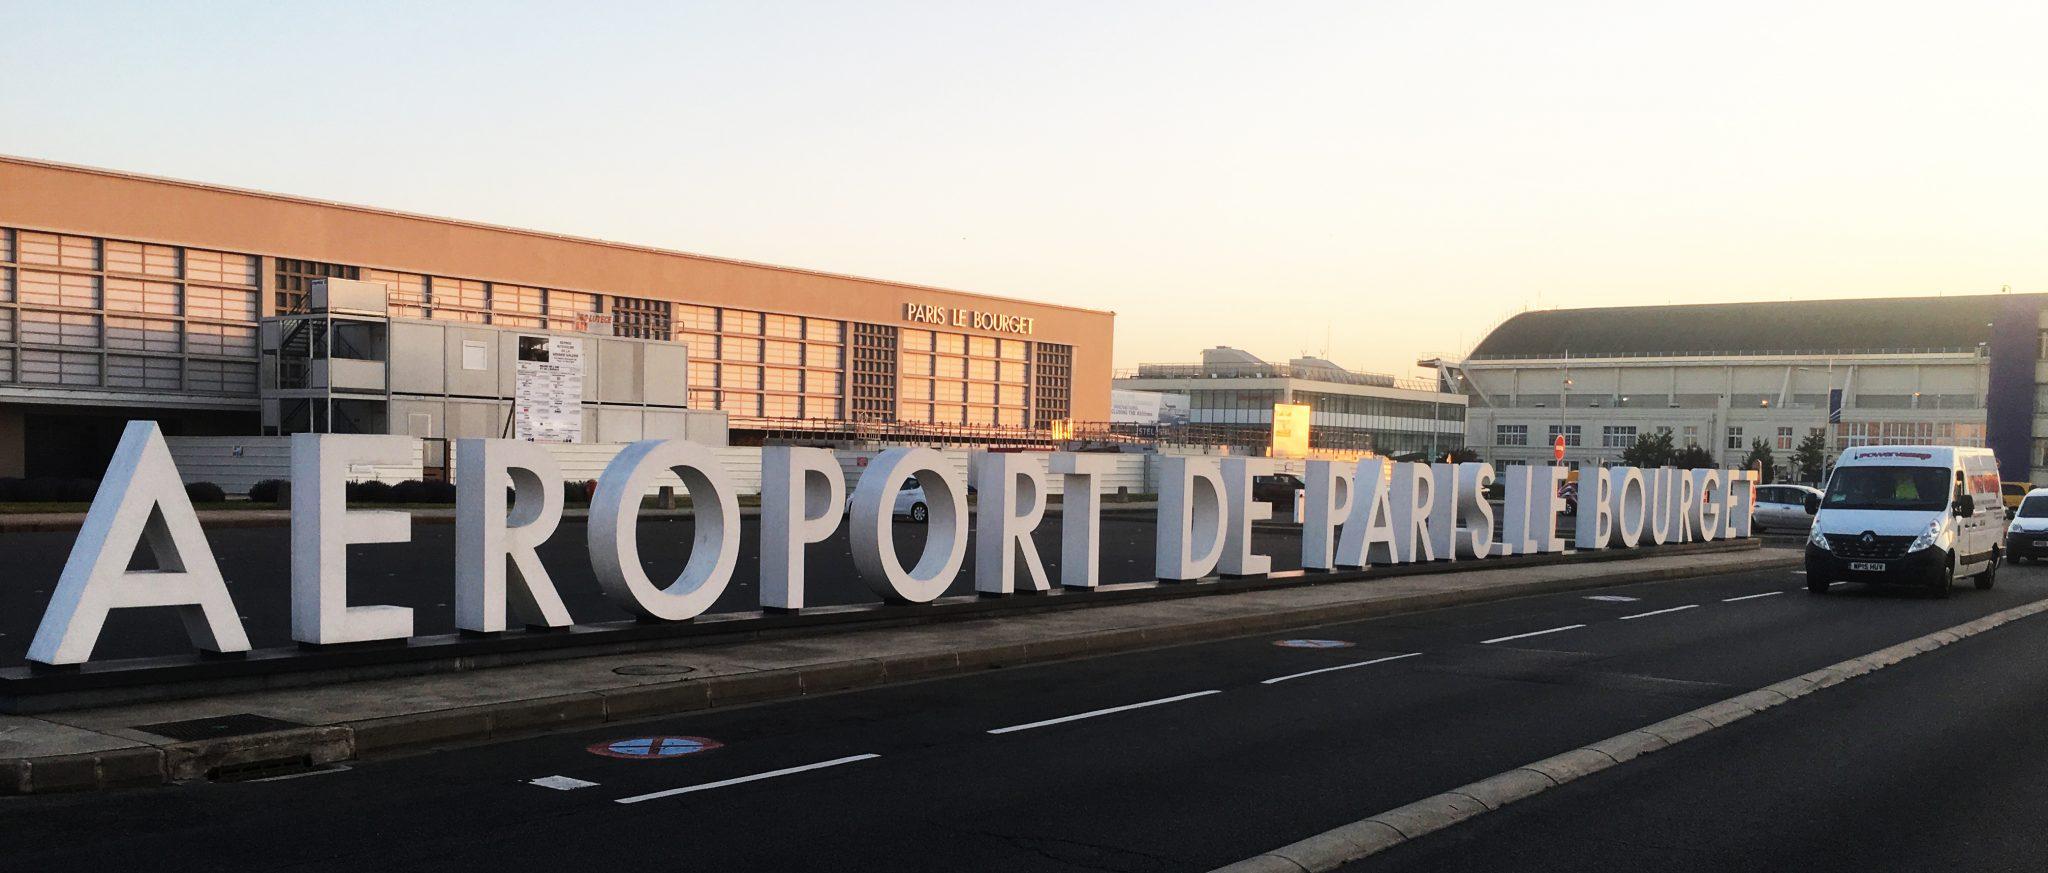 Aeroport in Paris